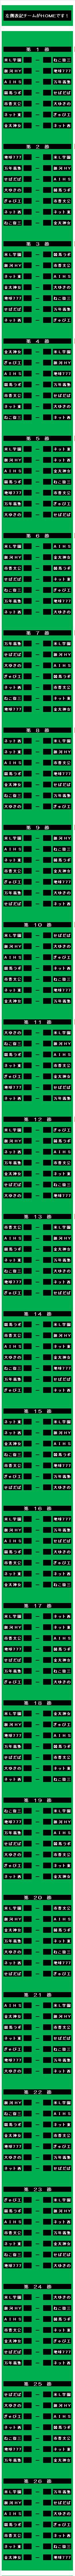 20150615・ダルマンリーグ第1節試合前対戦相手組み合わせ表.jpg